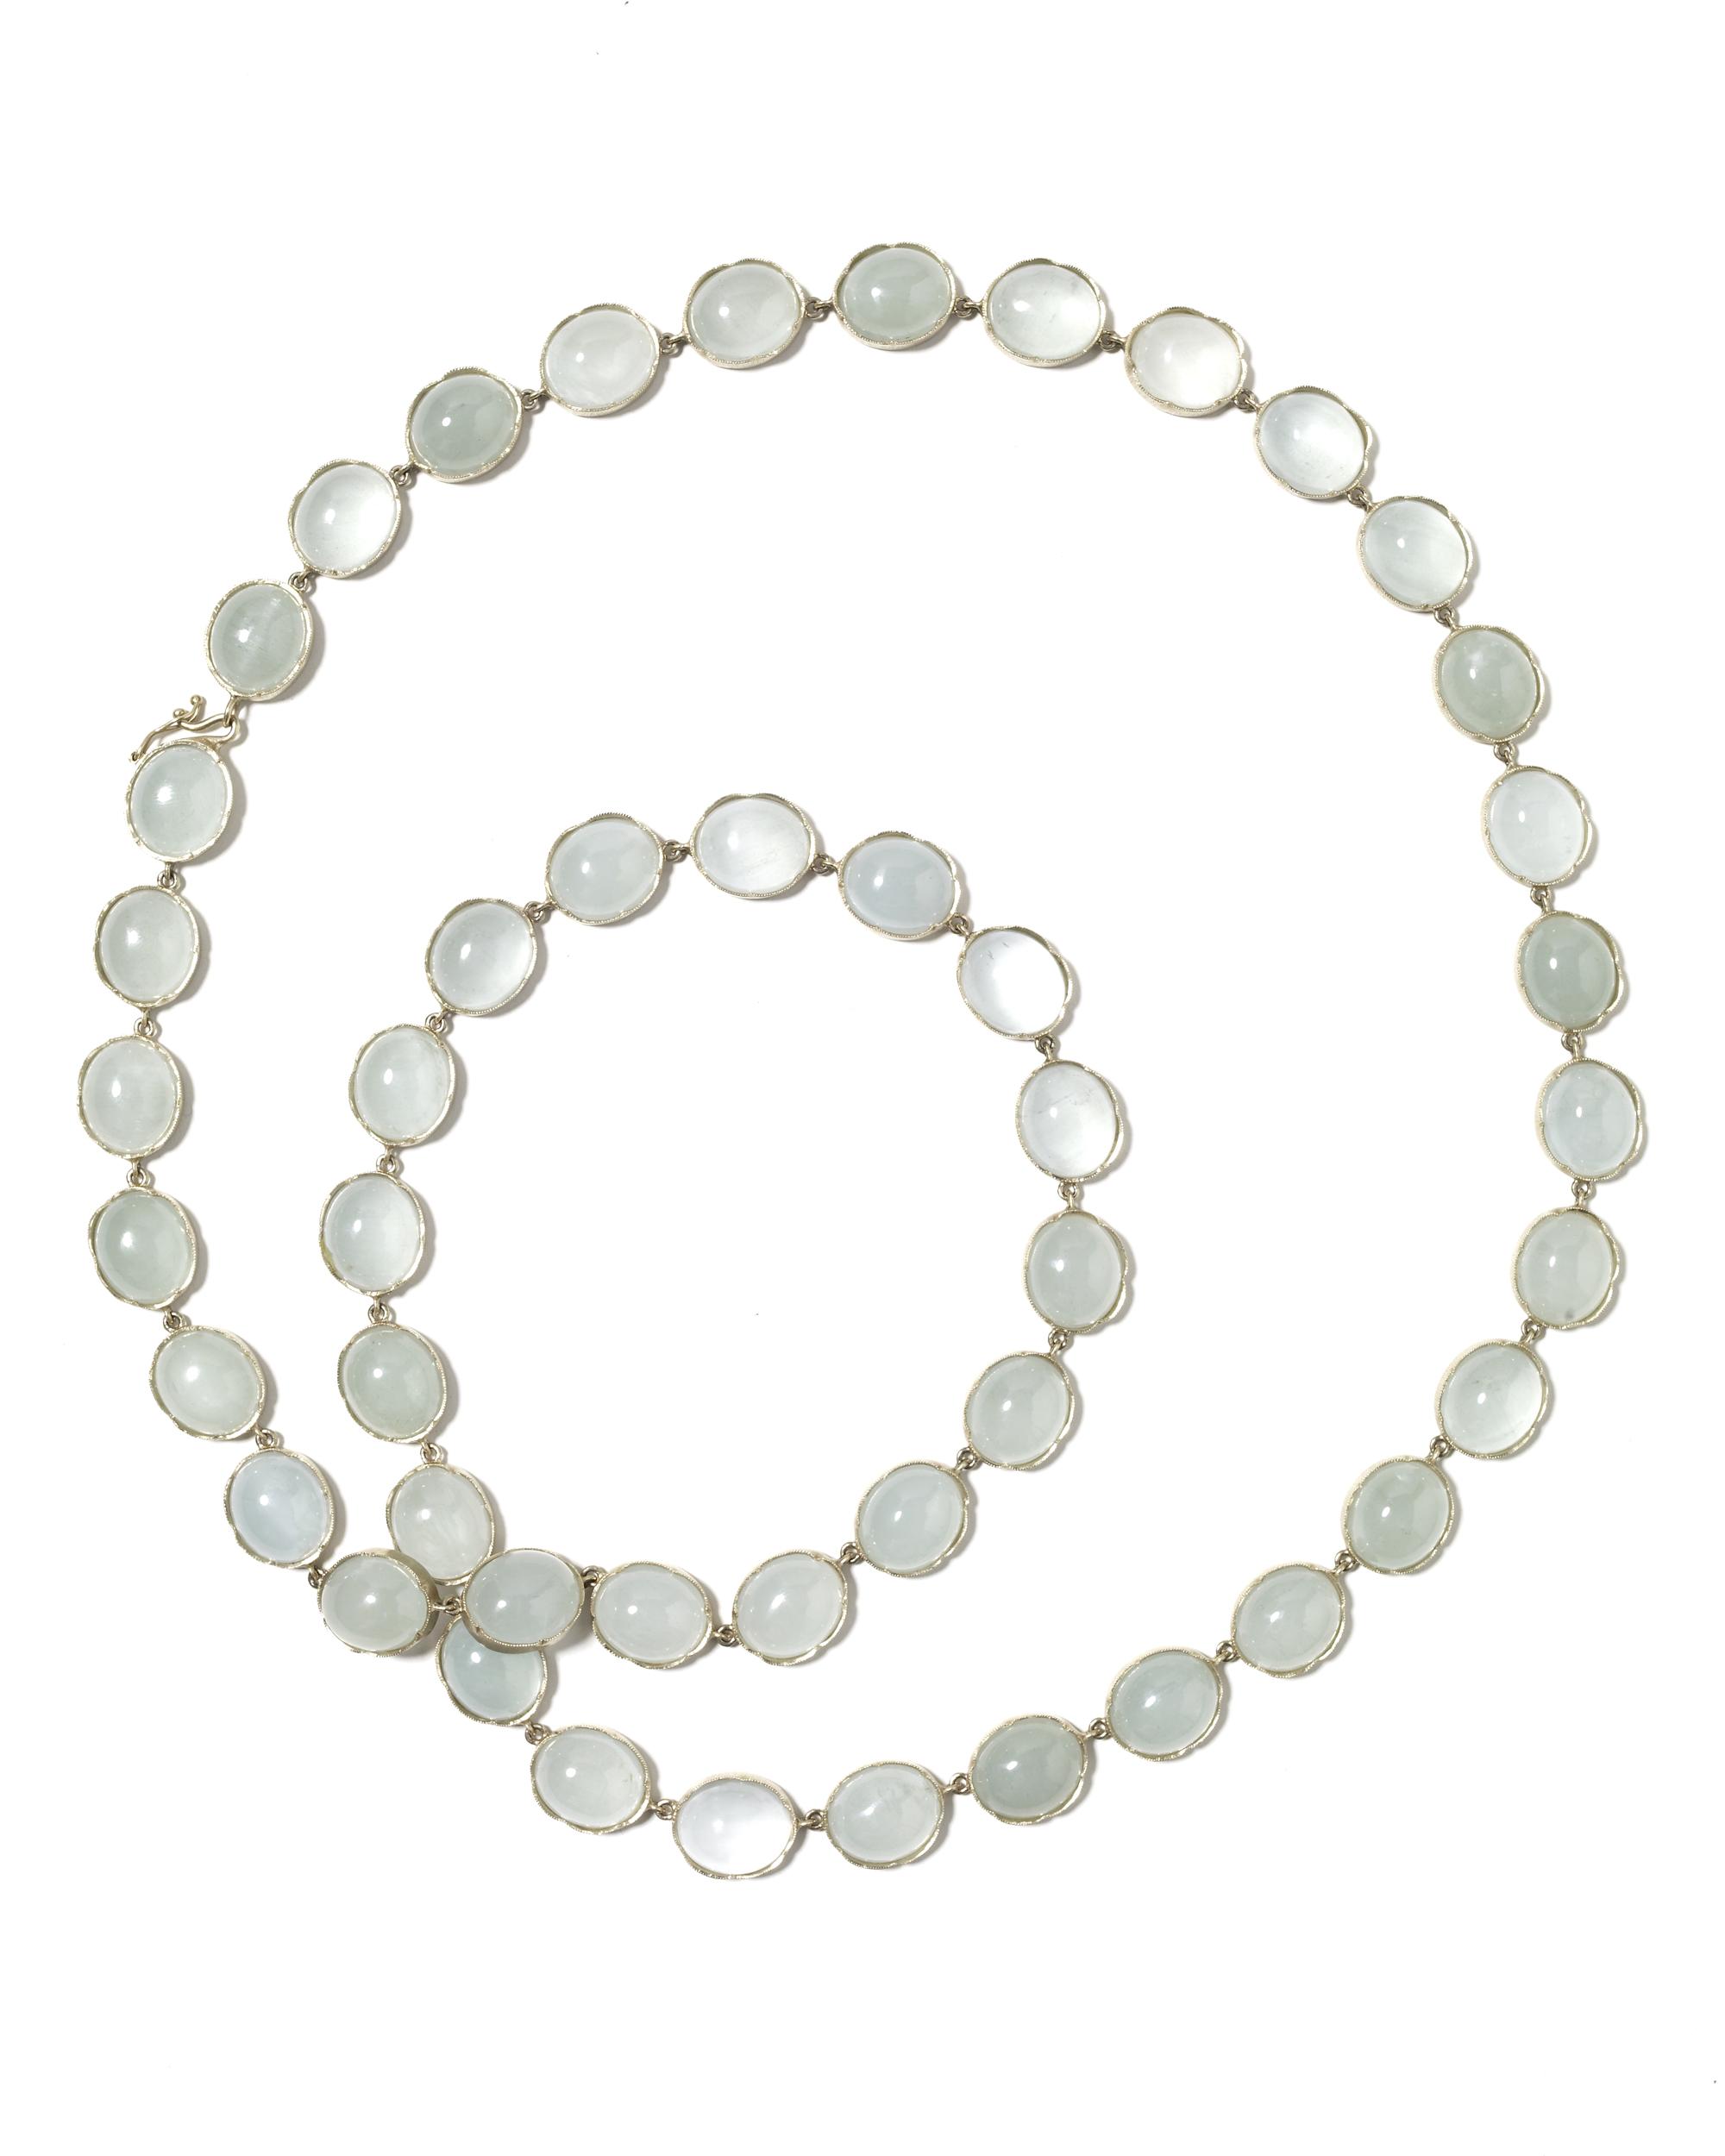 wd404606_spr09_jewelry1.jpg